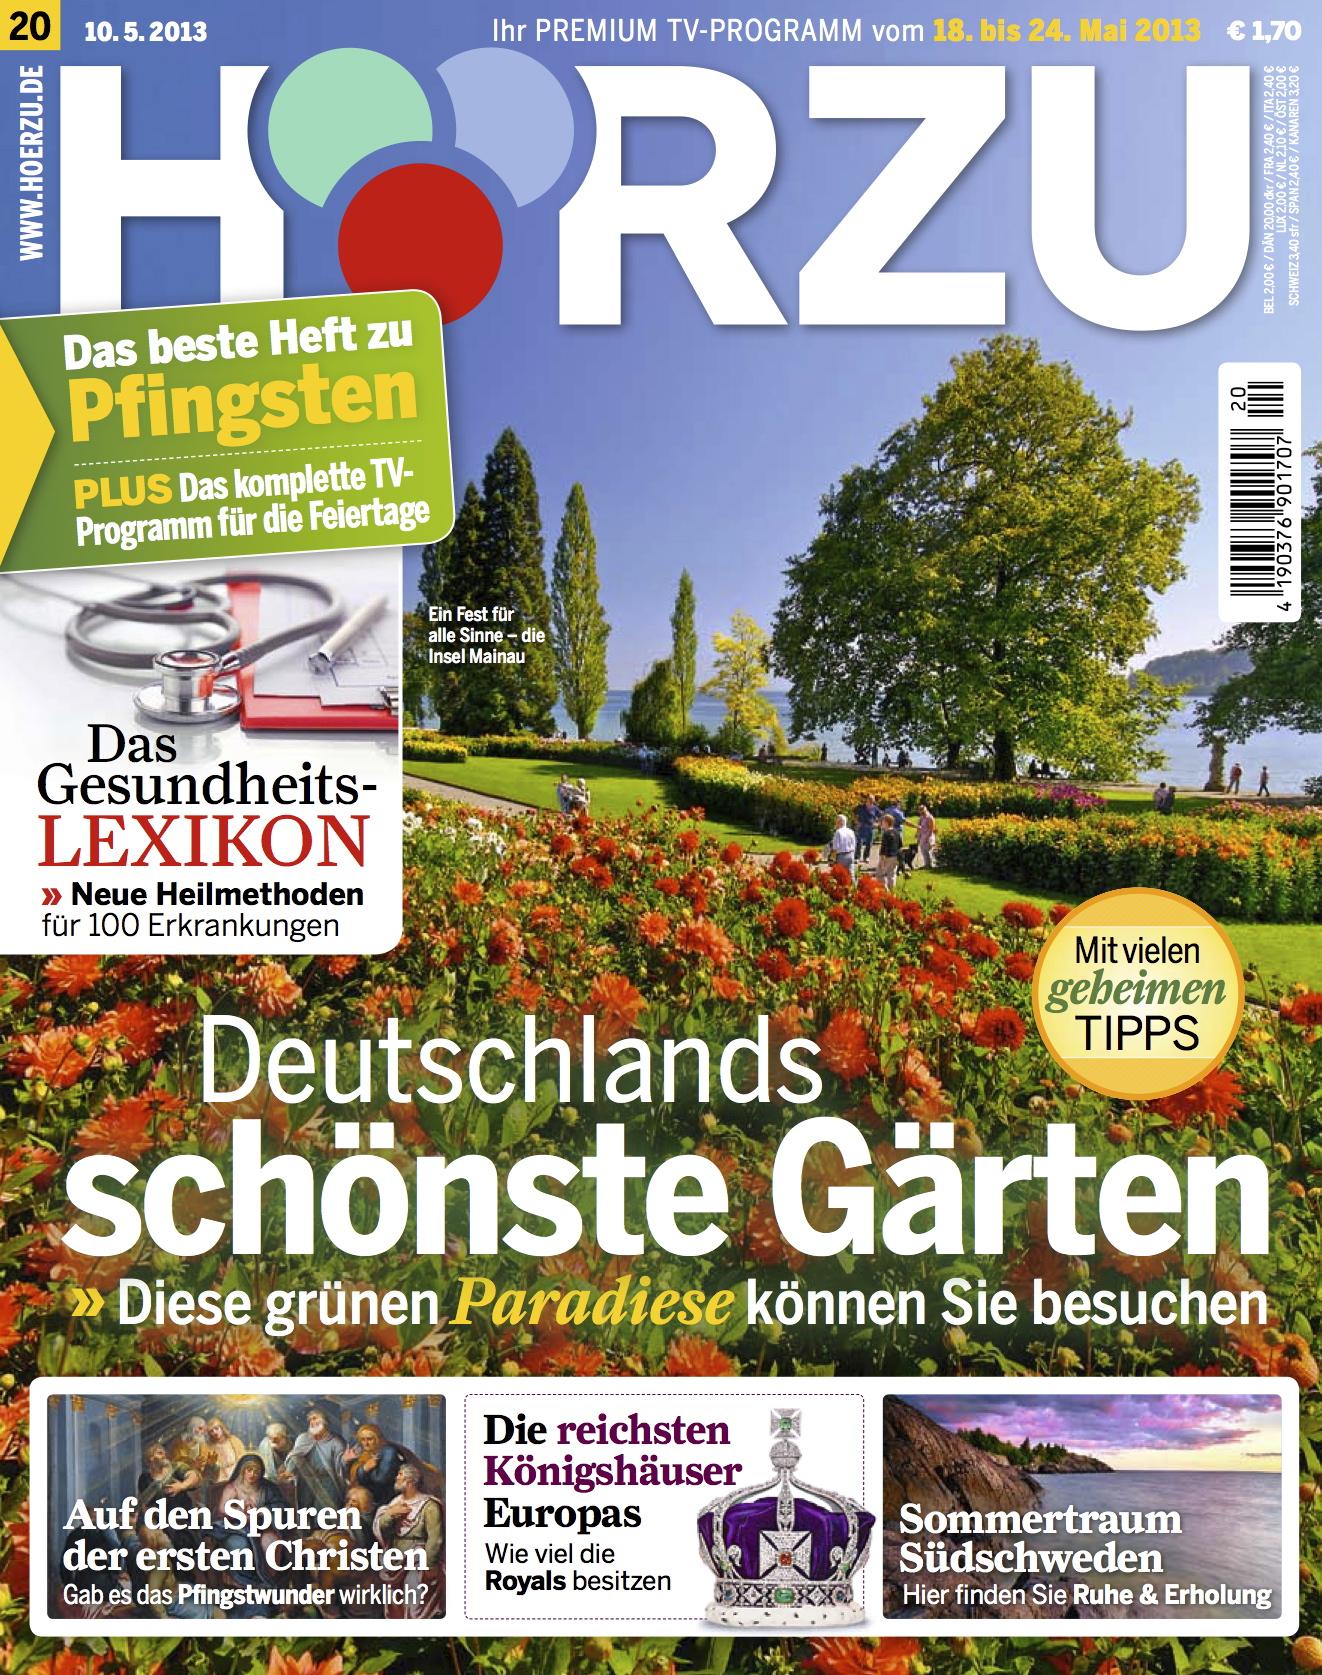 HZ_10.5.2013_Cover.jpg